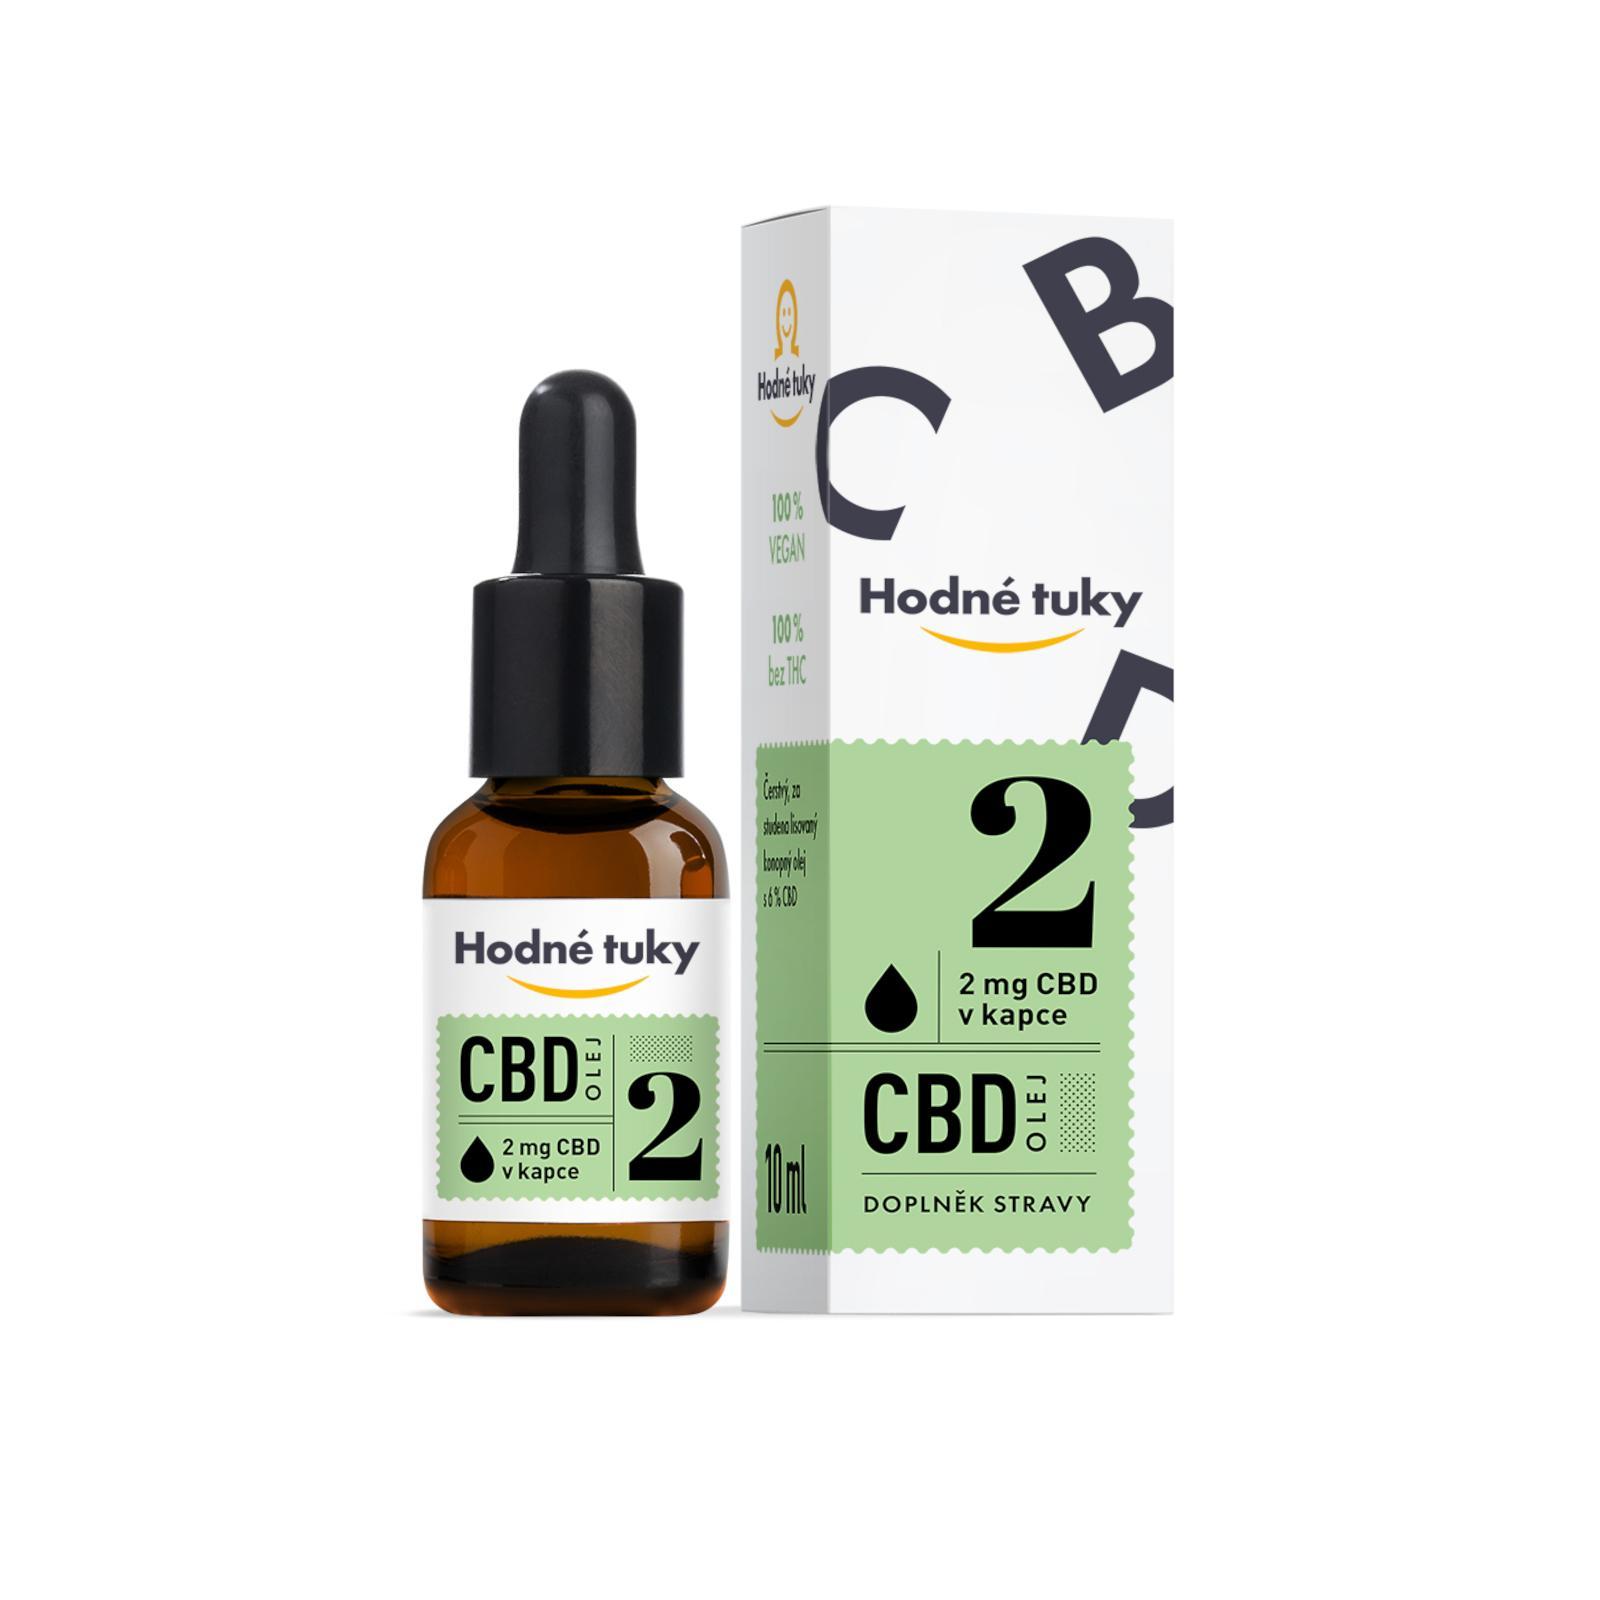 Hodné tuky CBD olej 6% 10 ml